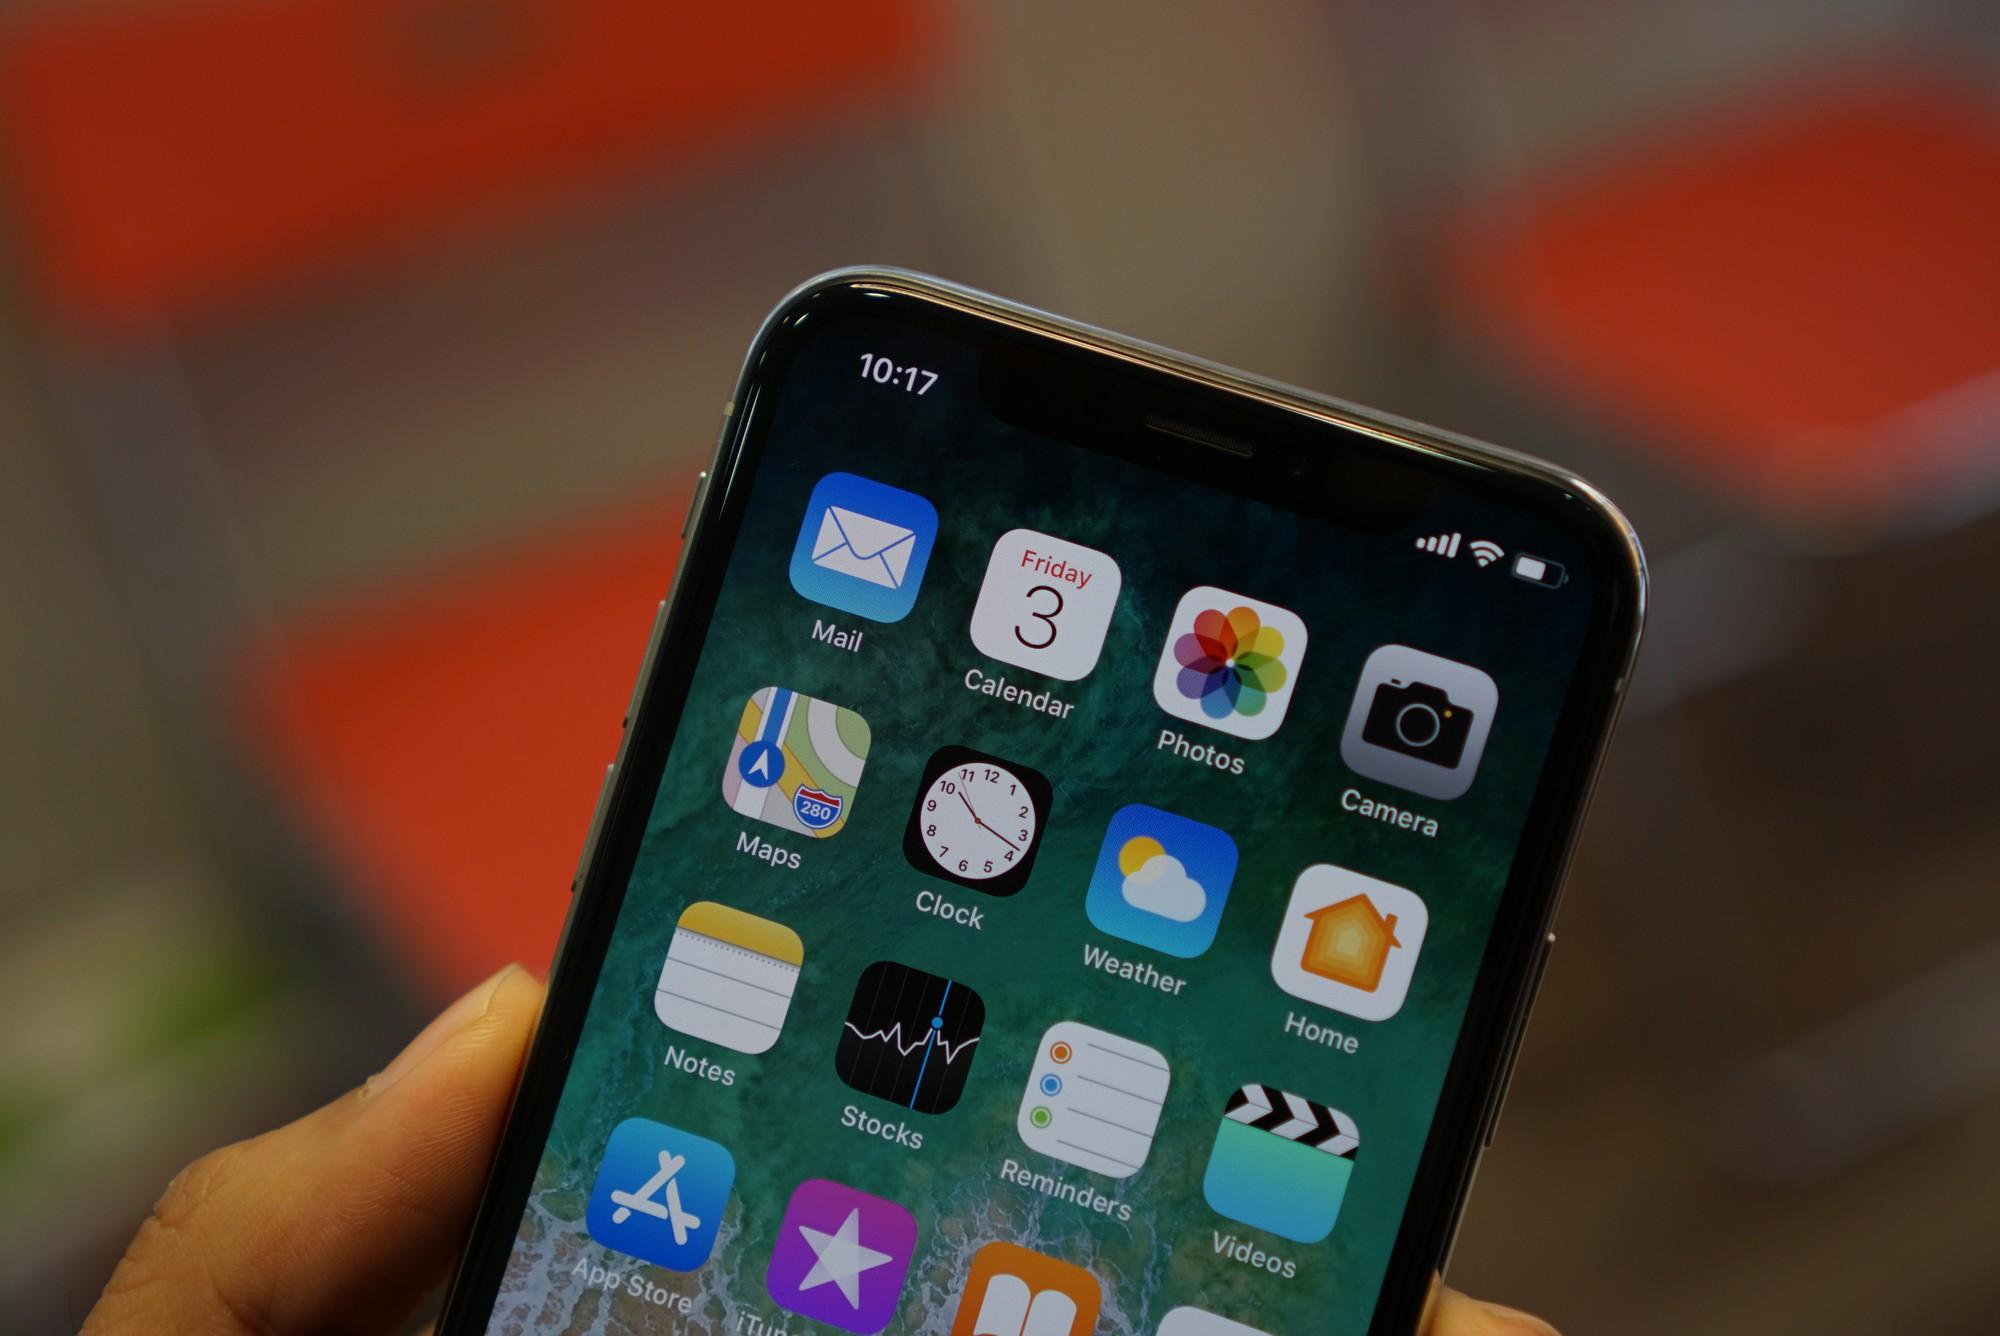 iPhone X giá 68 triệu đây rồi: Màn hình đẹp sắc sảo, thiết kế toàn diện, thao tác hoàn toàn mới - Ảnh 17.